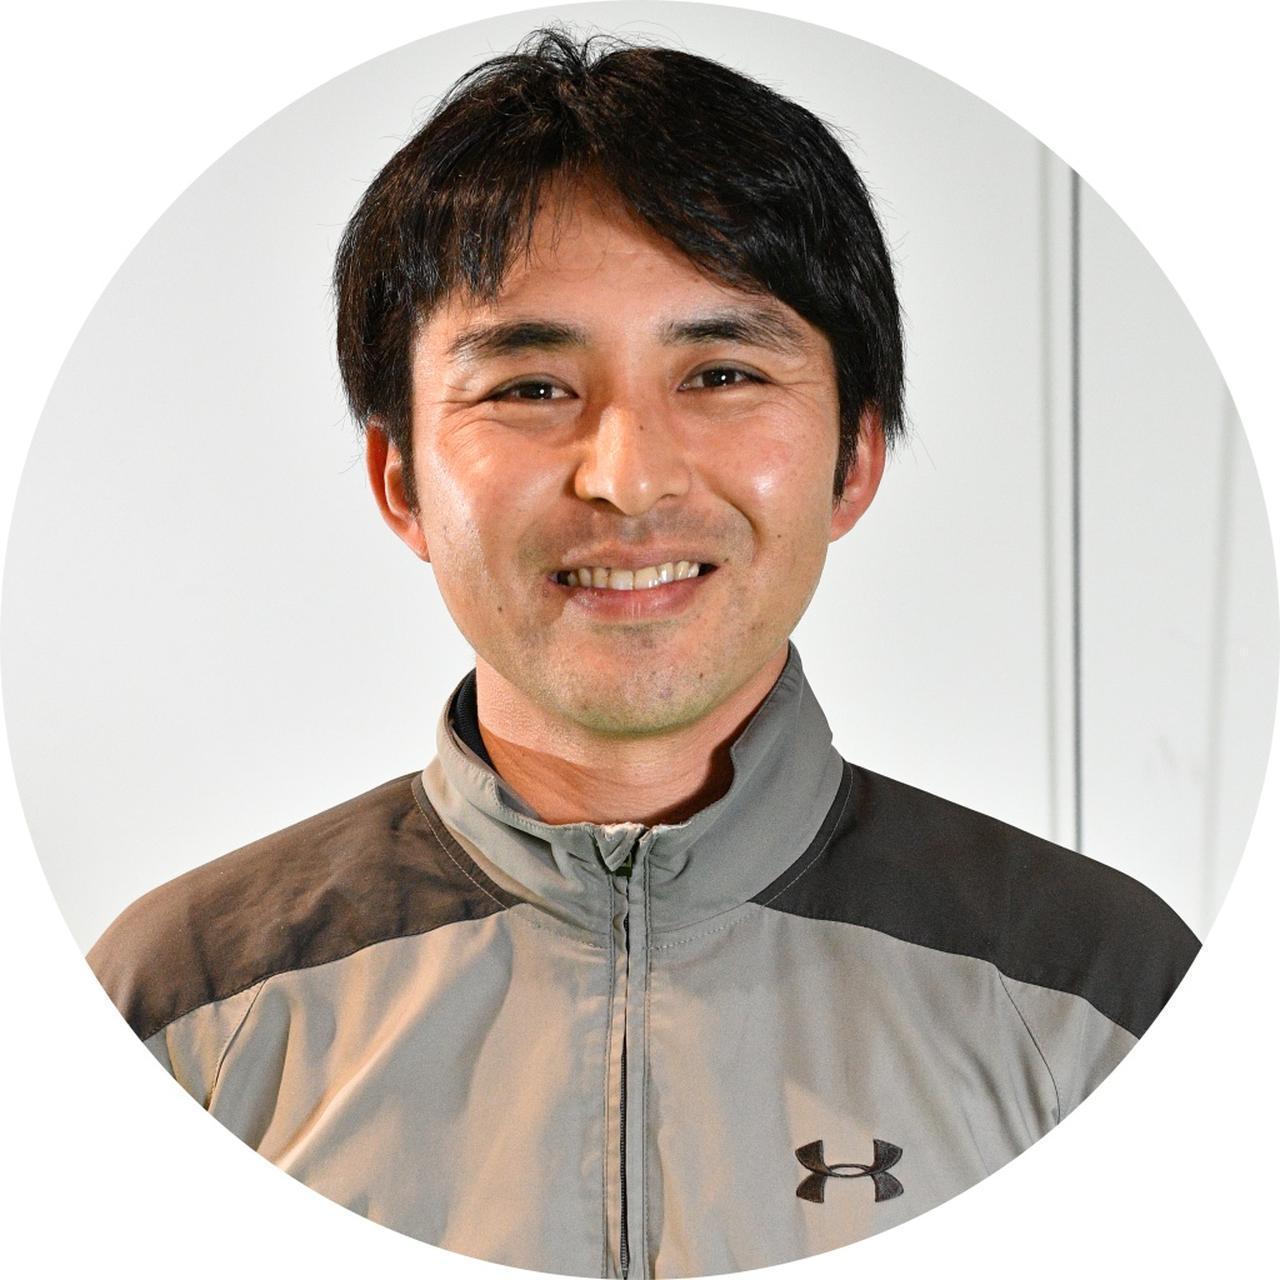 画像: 【指導】仲間裕一プロ 大利根CCでの研修生を経て、2016年PGAティーチングプロに。東京・中央区のゴルフスタジオ・ゴーガでレッスンを展開中